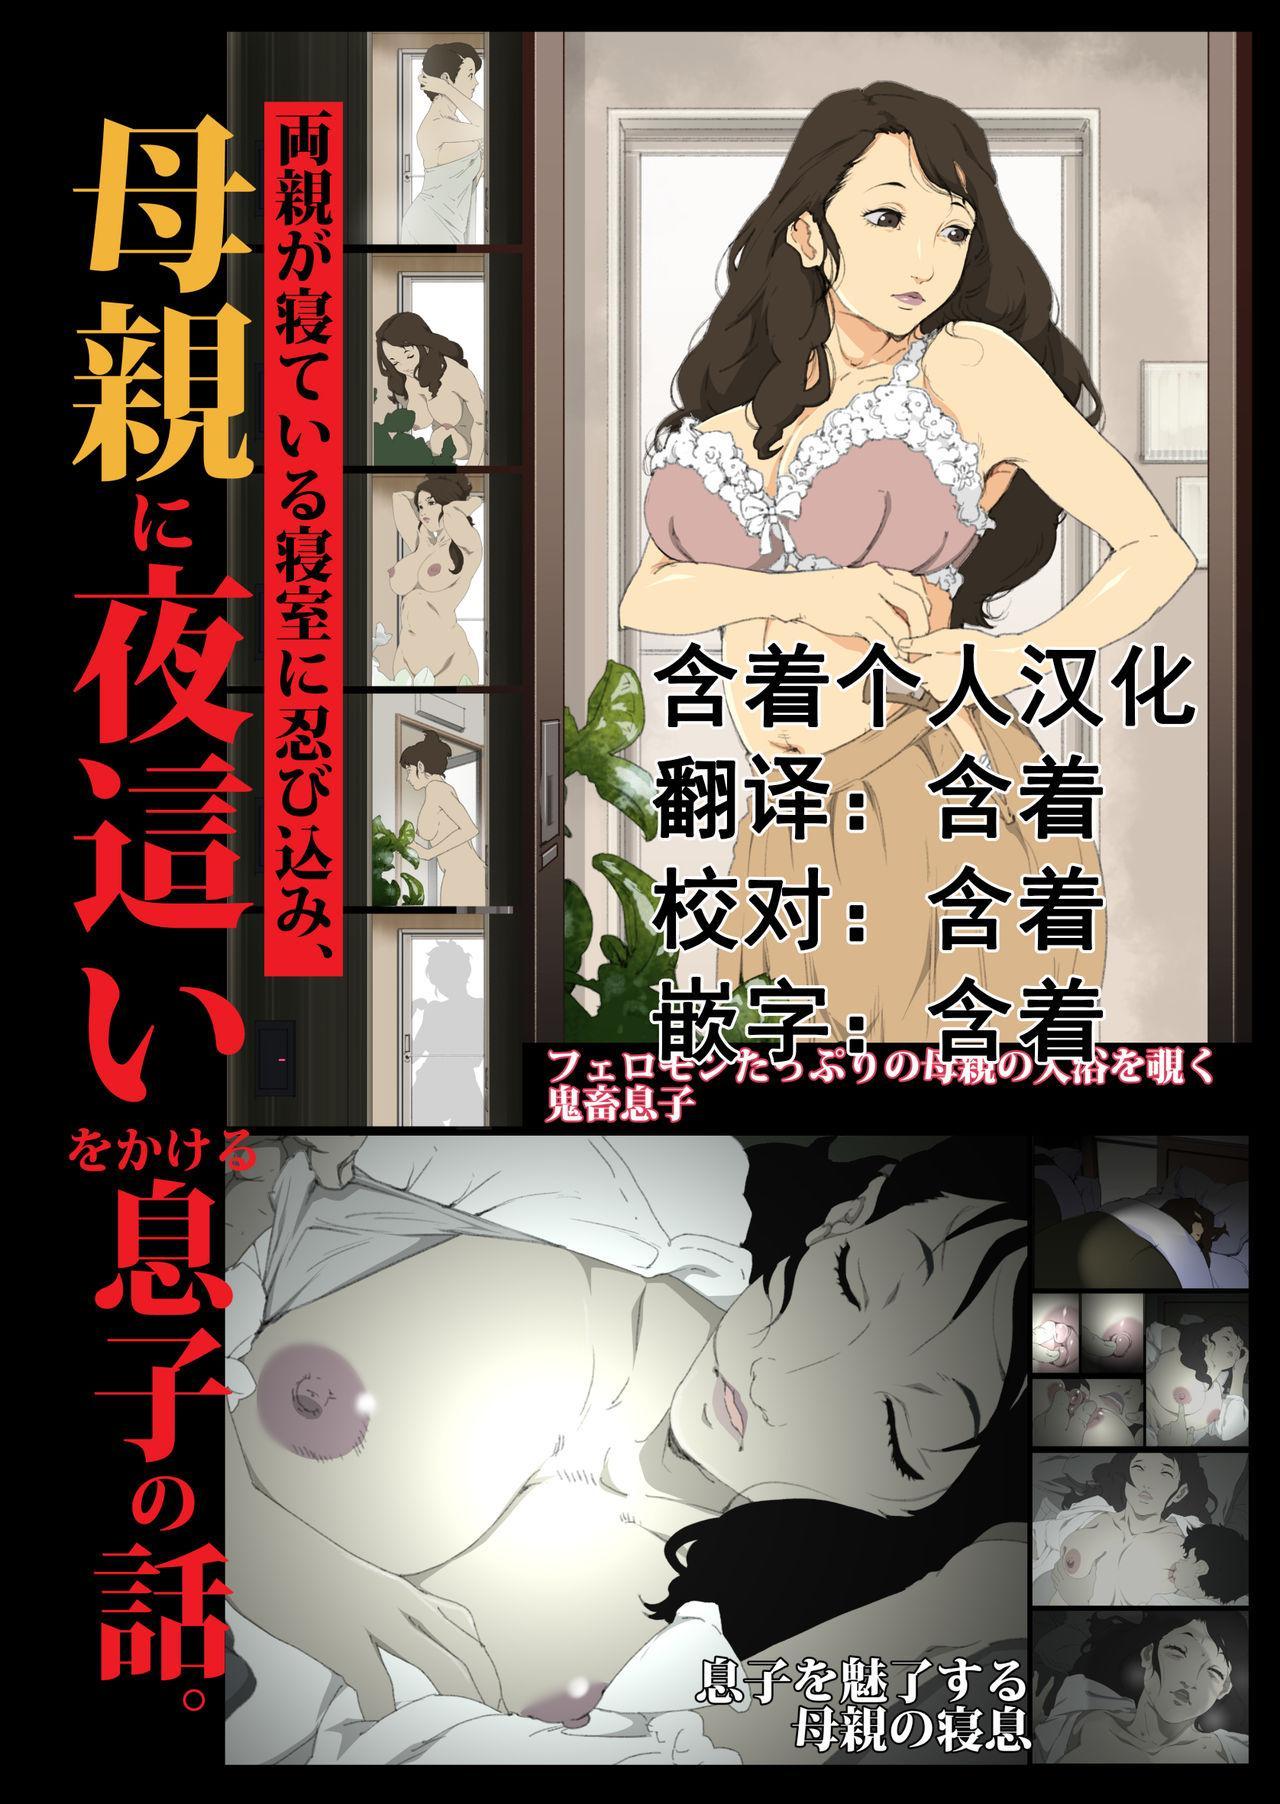 Ryoushin ga Neteiru Shinshitsu ni Shinobikomi, Hahaoya ni Yobai o Kakeru Musuko no Hanashi. 0